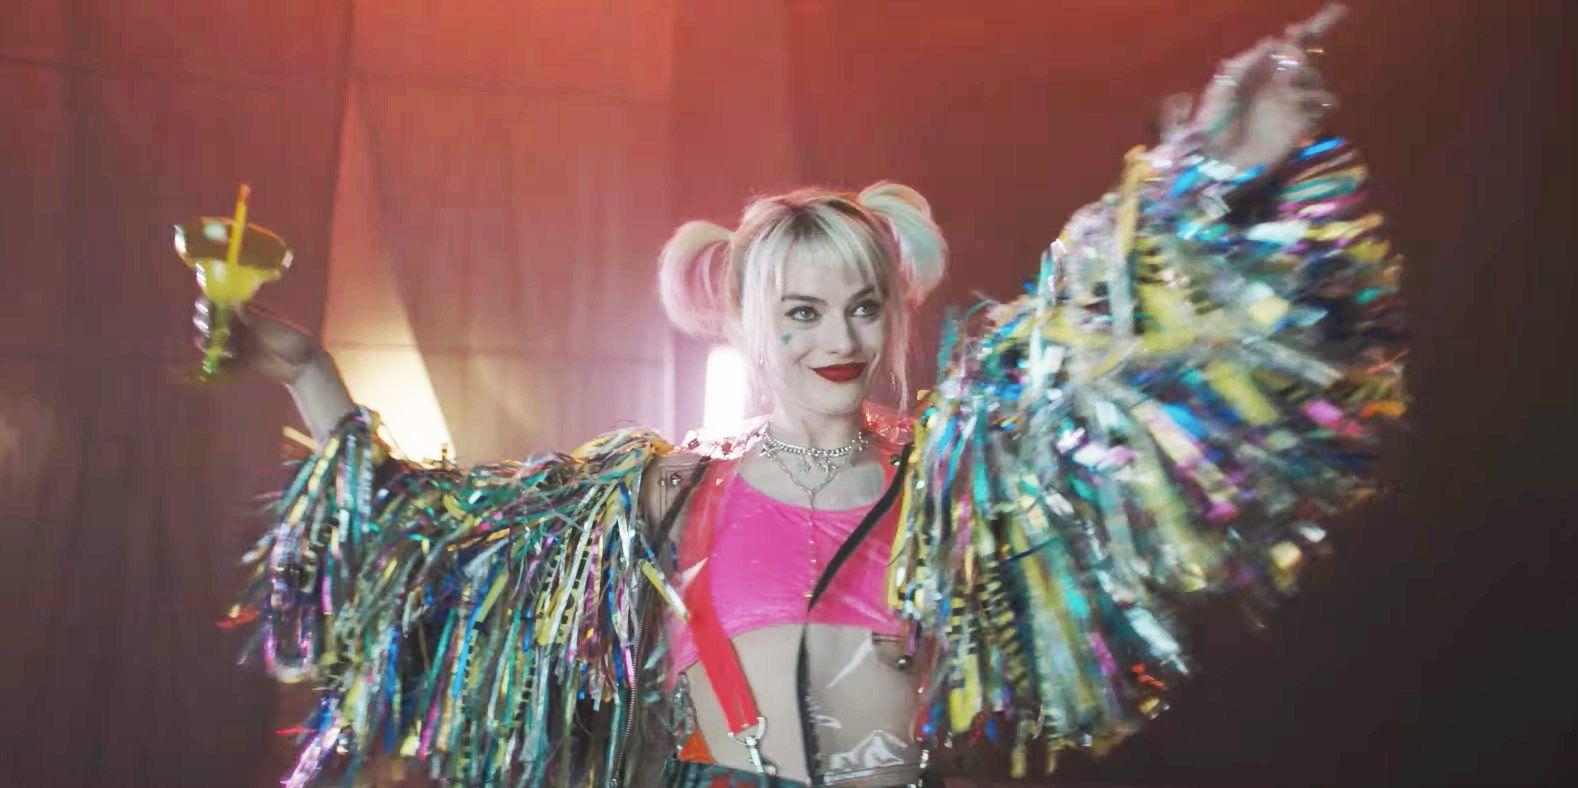 Margot Robbie, Harley Quinn, Birds of Prey